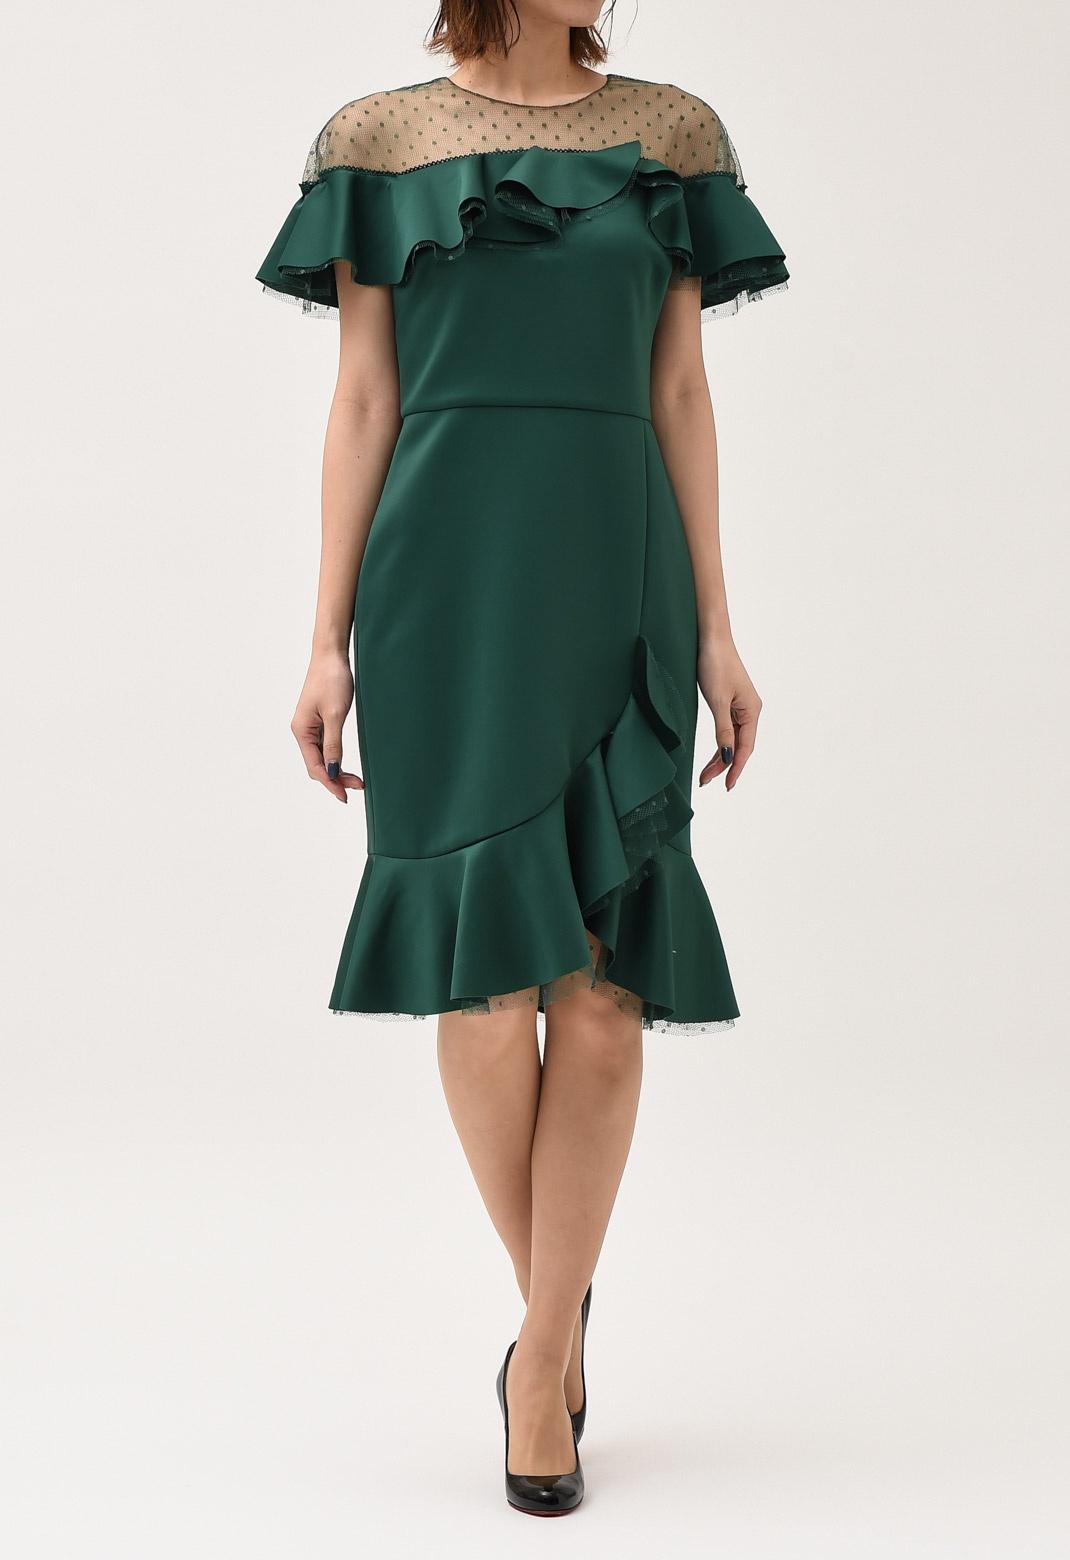 ドレススタイルのインナーマナー \u2013 レンタルドレスのマナマナ